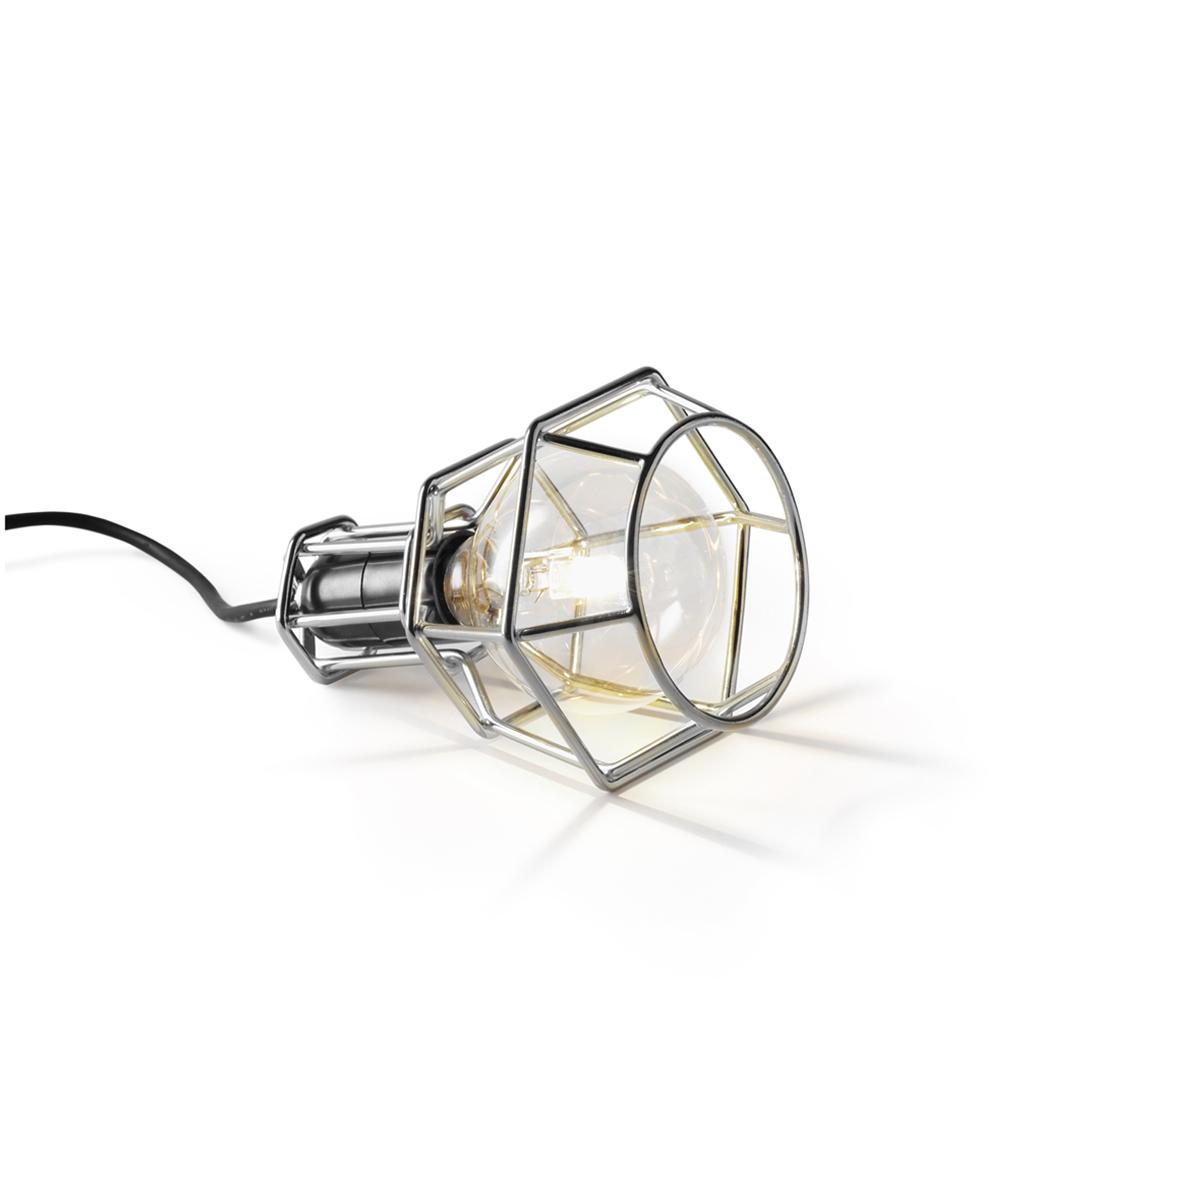 リラックスには『オレンジの灯』|【在庫限り】《Work Lamp》「光」を味方にリラックス、快眠習慣をもたらす間接照明(chrome) | DESIGN STOCKHOLM